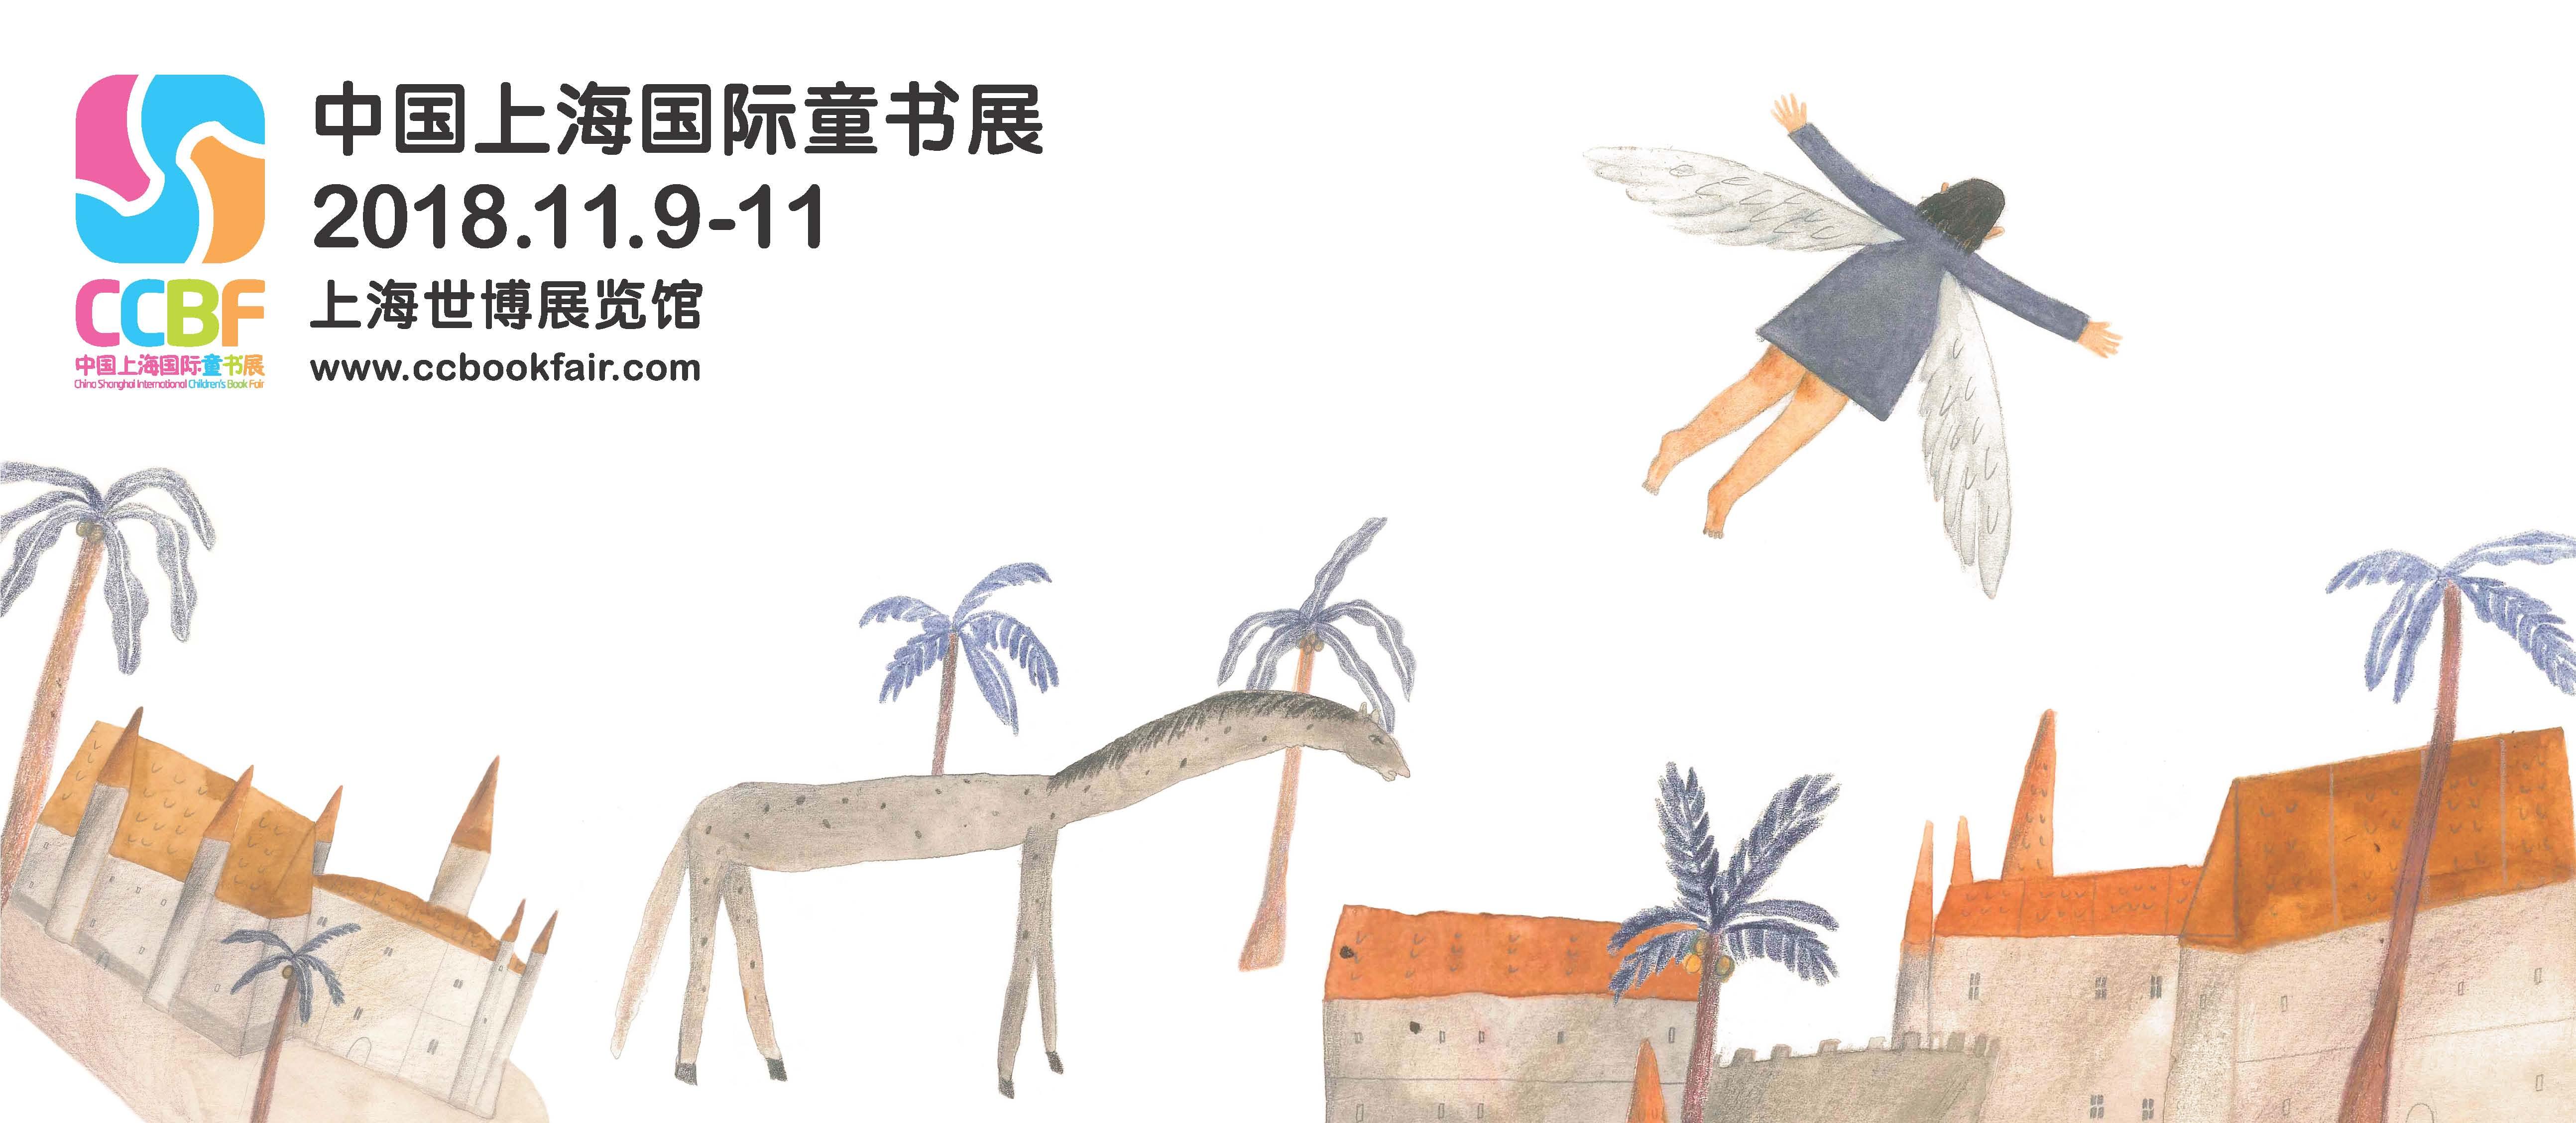 2018中国上海国际童书展(CCBF)11月举行